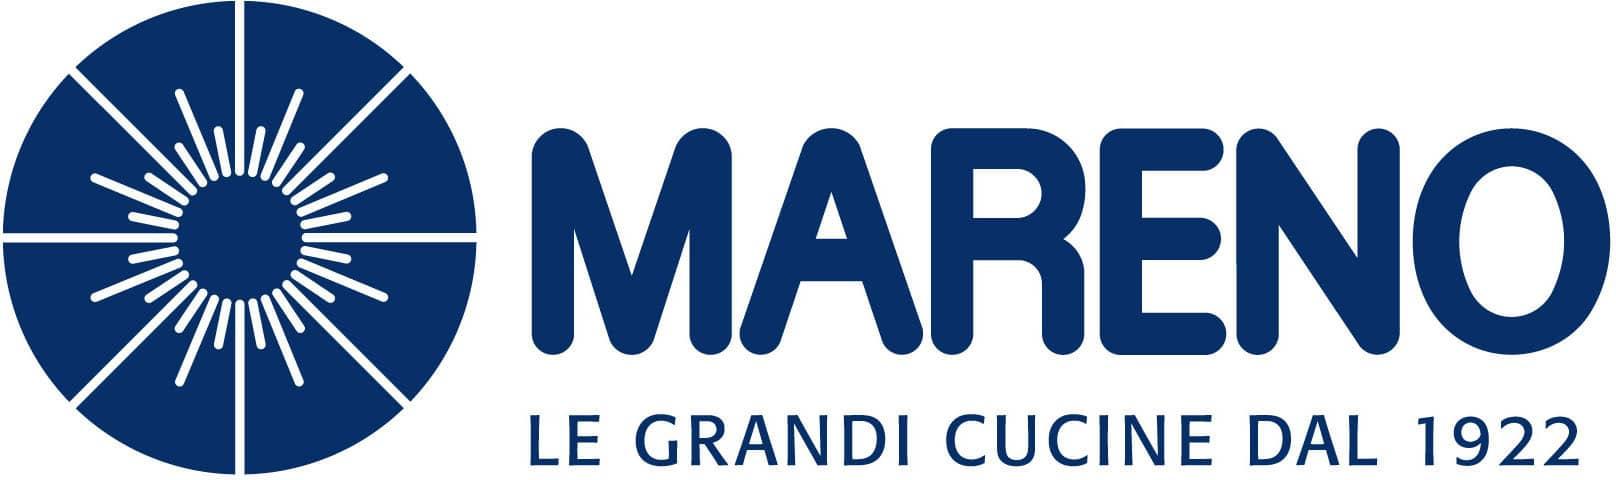 Mareno1922_1